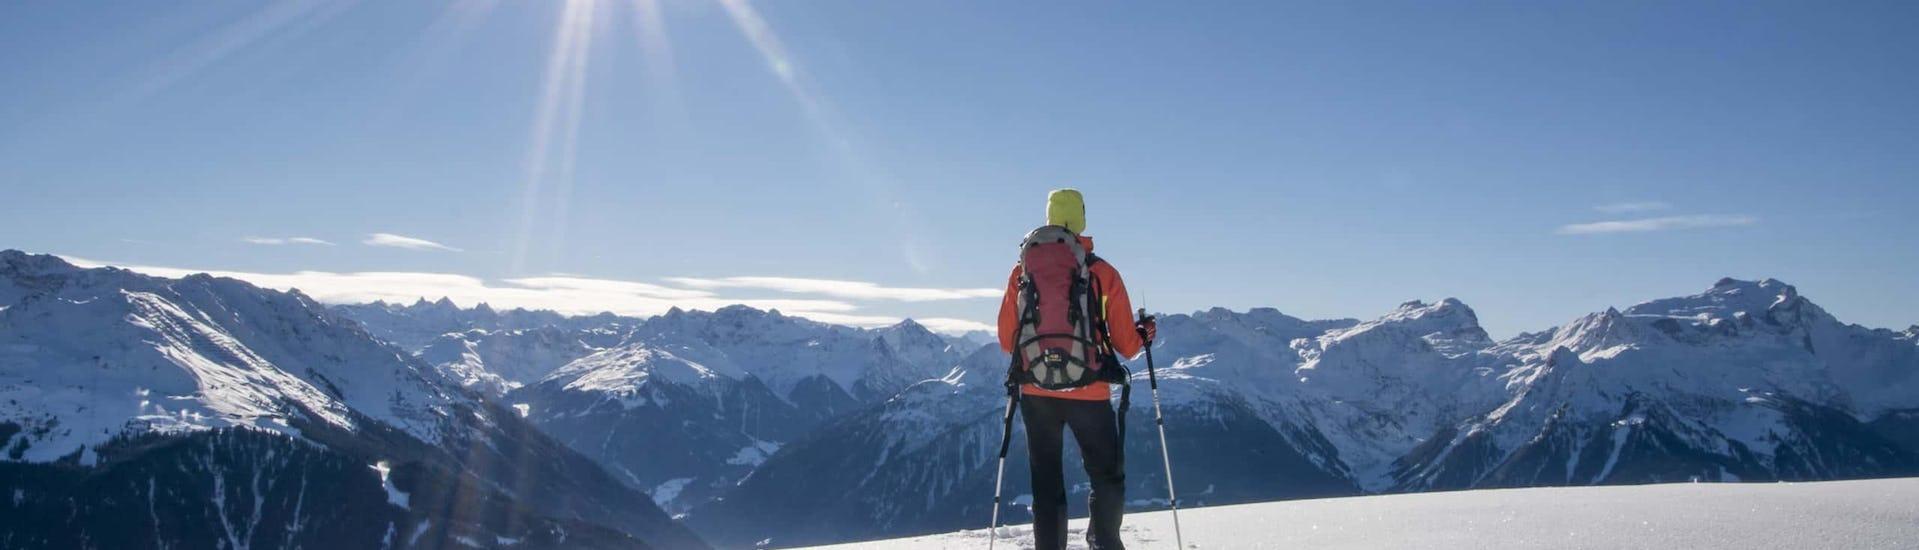 Privé Sneeuwschoenen voor alle niveaus: Een man geniet van het prachtige uitzicht op de bergen tijdens een sneeuwschoenwandeltocht georganiseerd door Kurt Ladner.